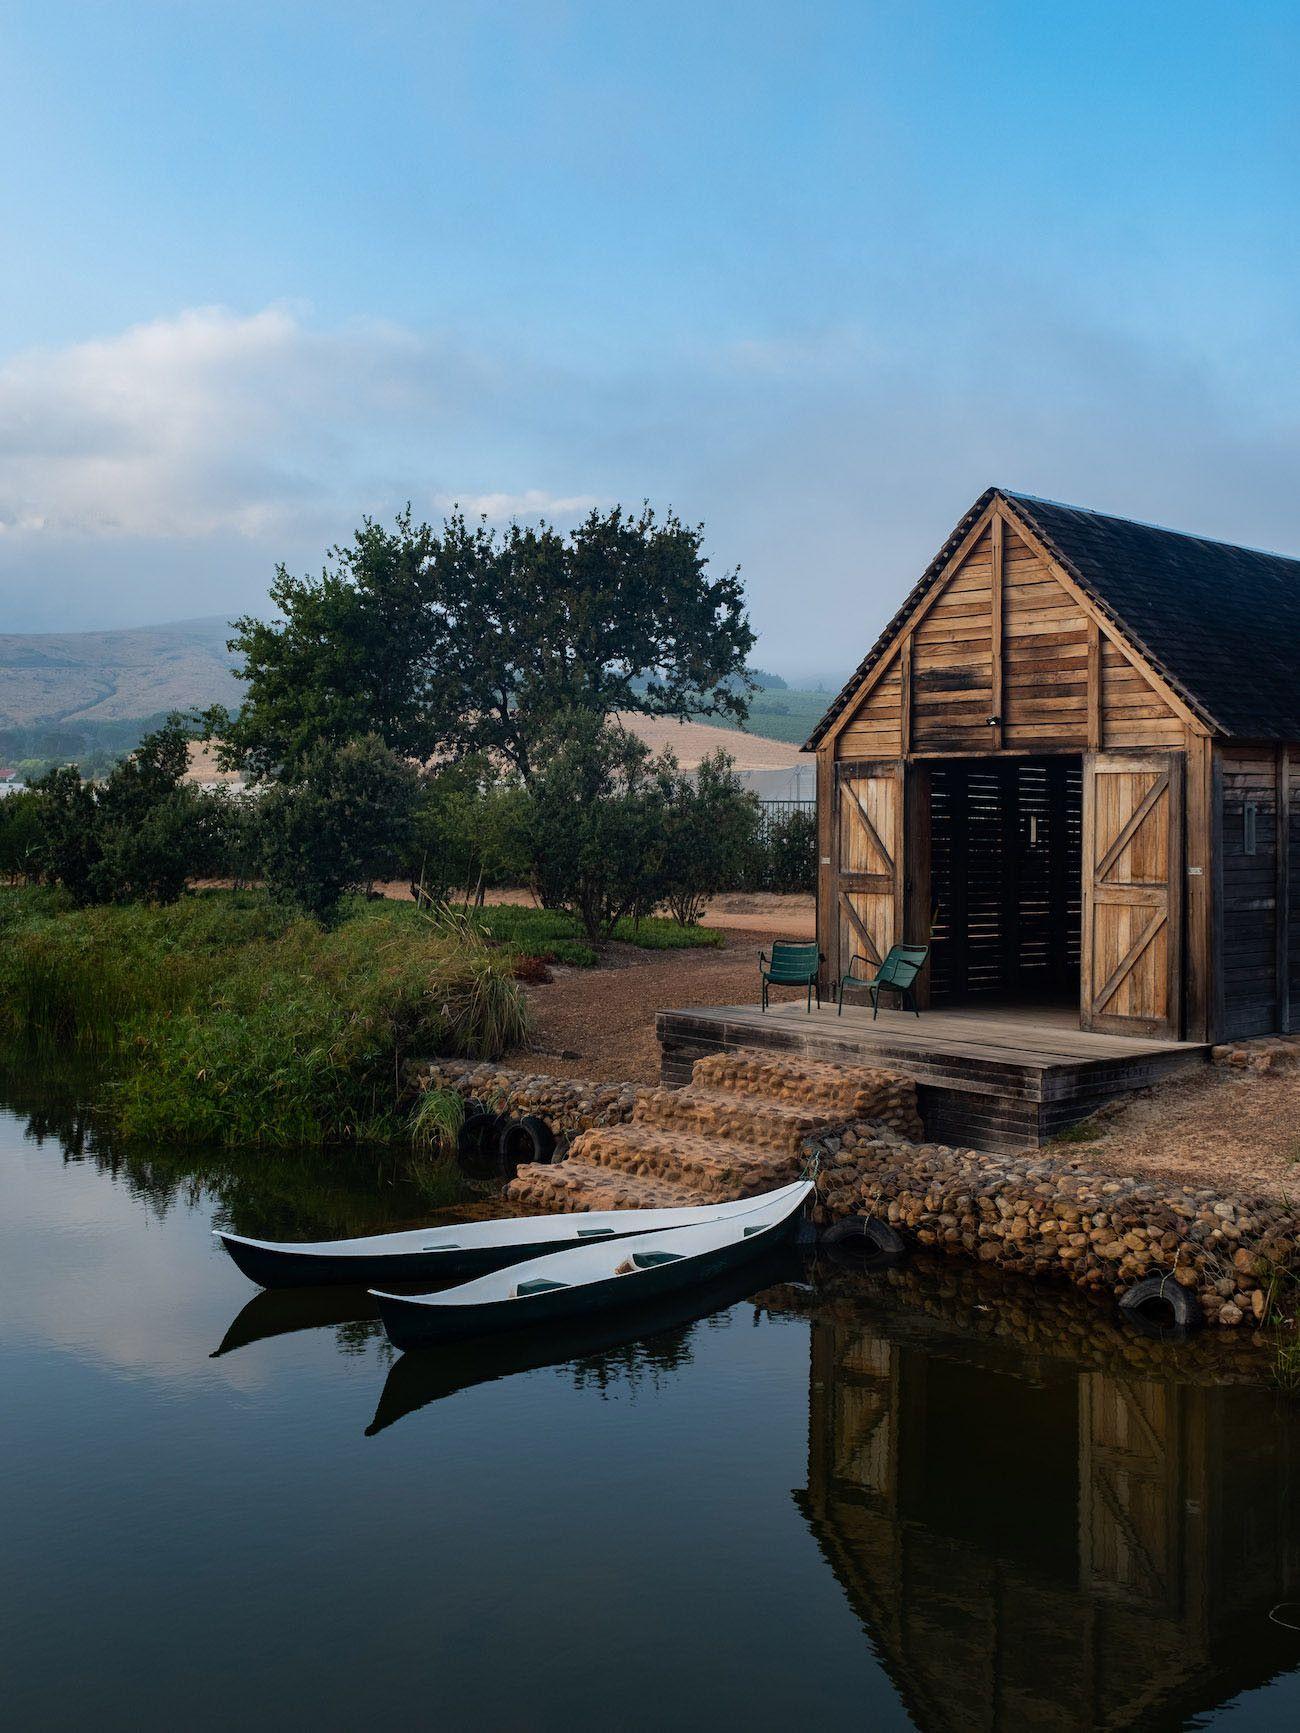 Weinguide Stellenbosch, Babylonstoren, Kanu, Bootshaus, See